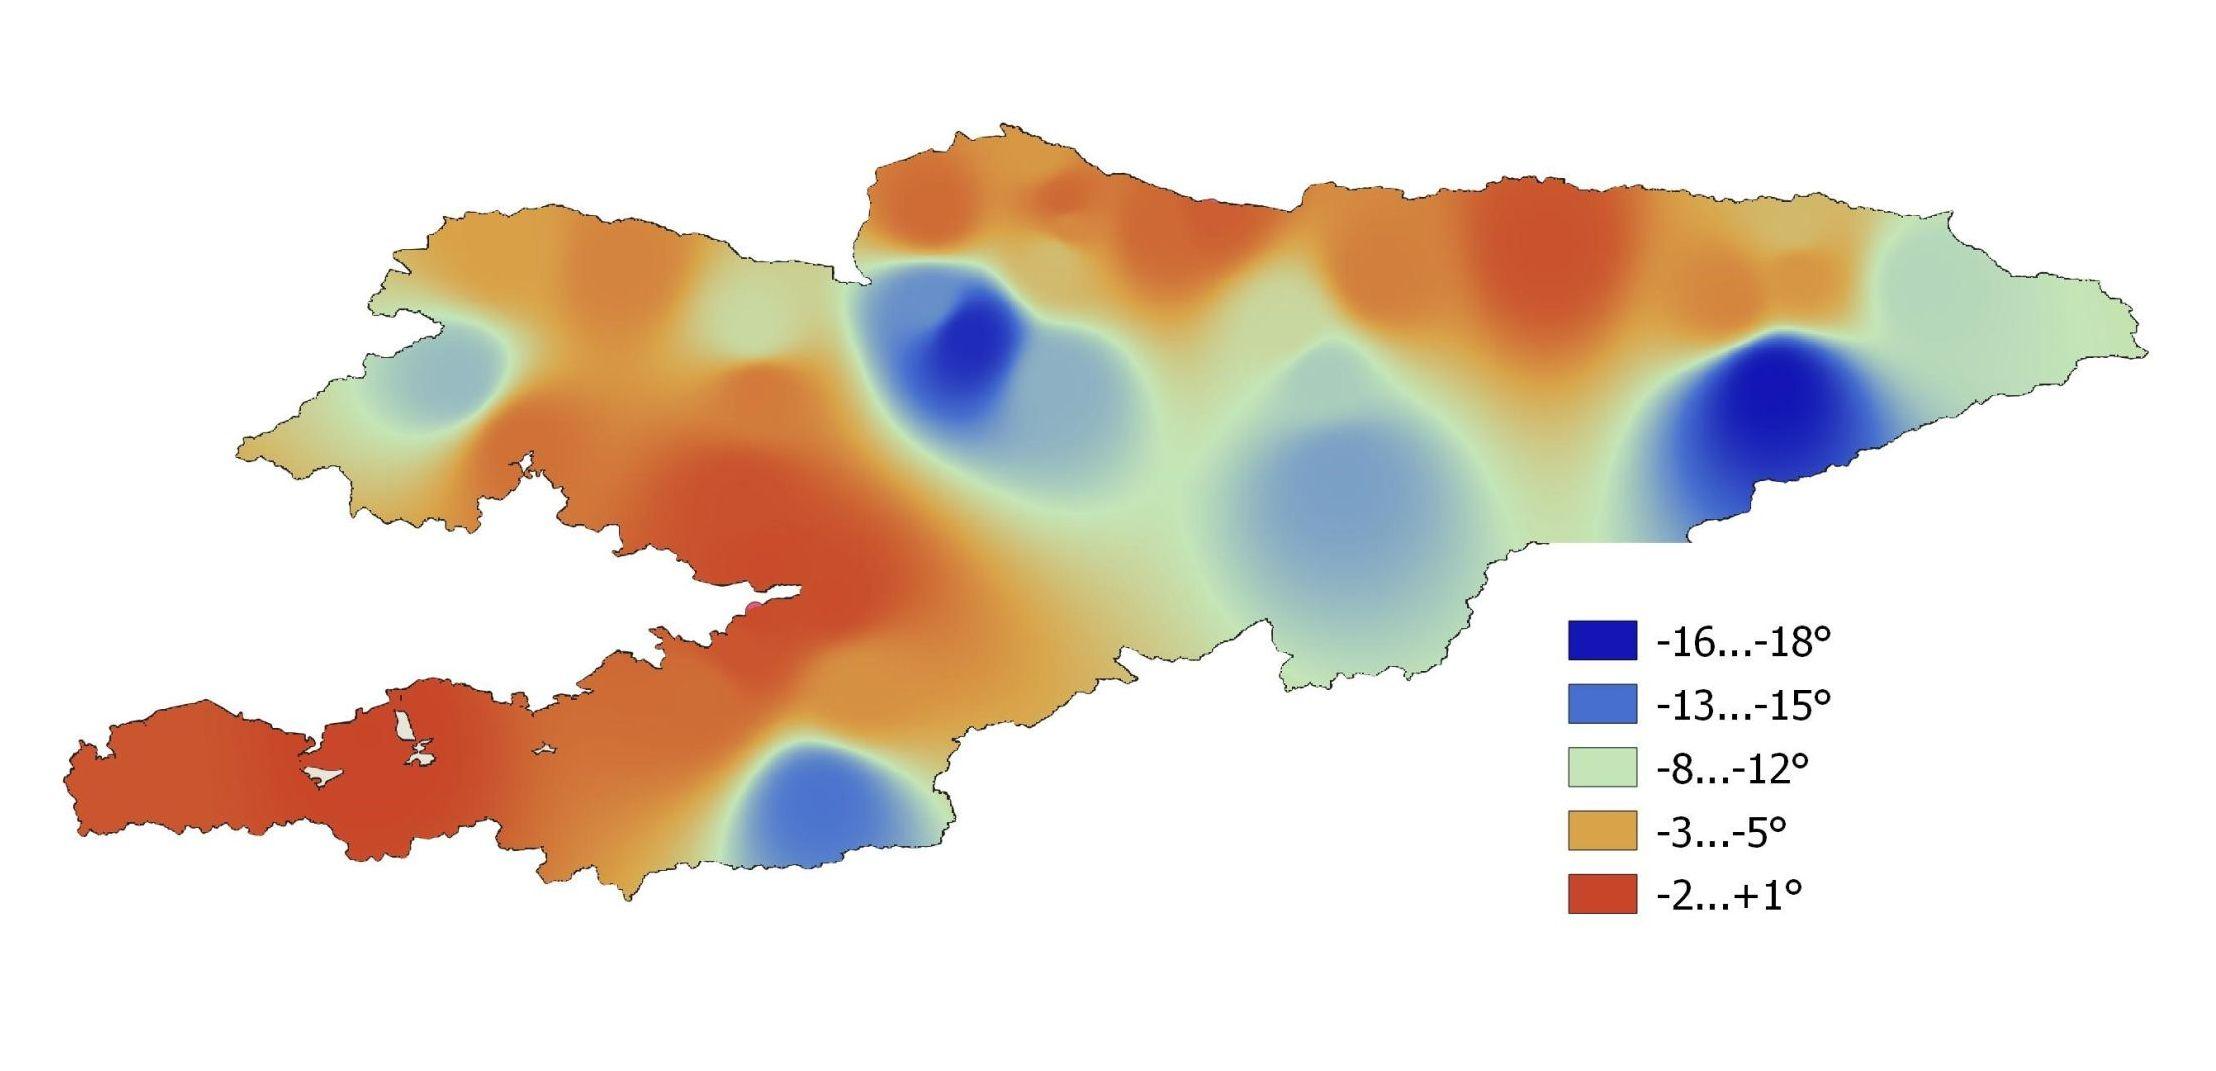 Среднемесячная температура по Кыргызстану в декабре 2020 года